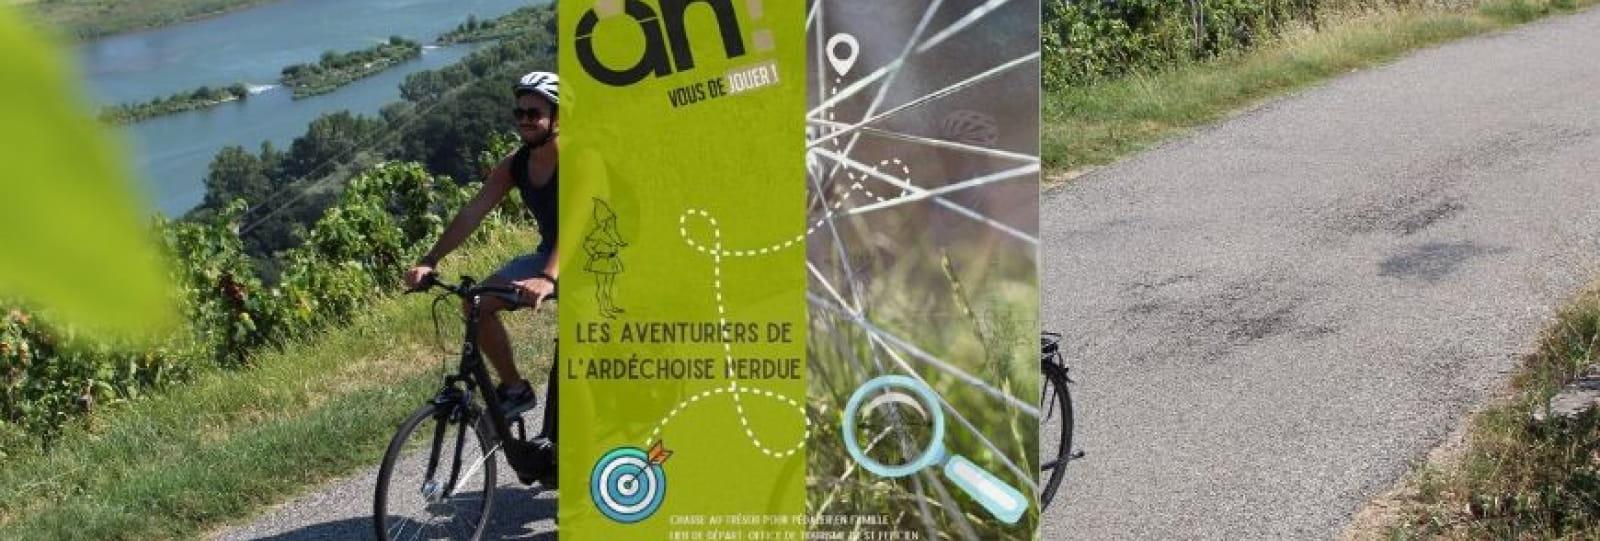 Chasse au trésor 'les aventuriers de l'Ardéchoise perdue'_Saint Félicien_Ardèche Hermitage Tourisme